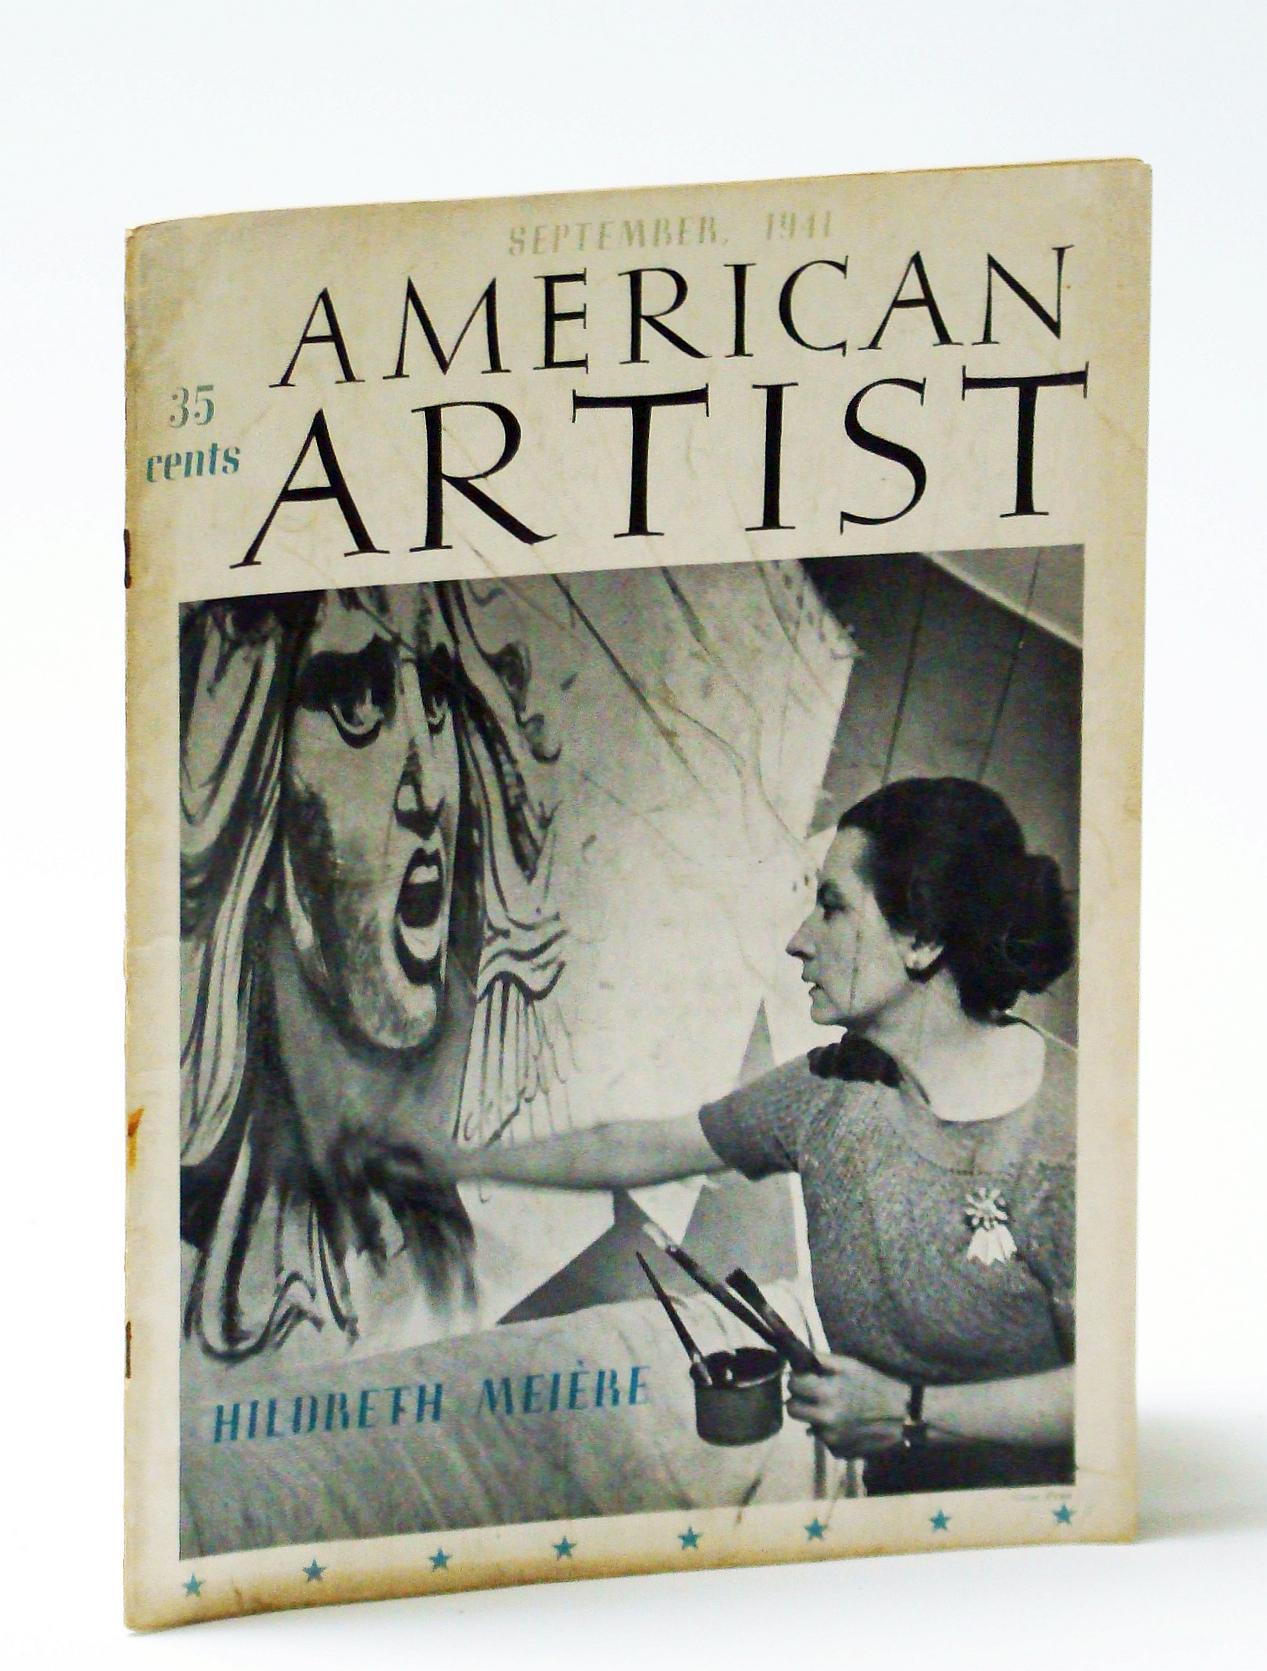 Image for American Artist Magazine, September (Sept.) 1941: Hildreth Meiere - Mural Painter (cover photo)